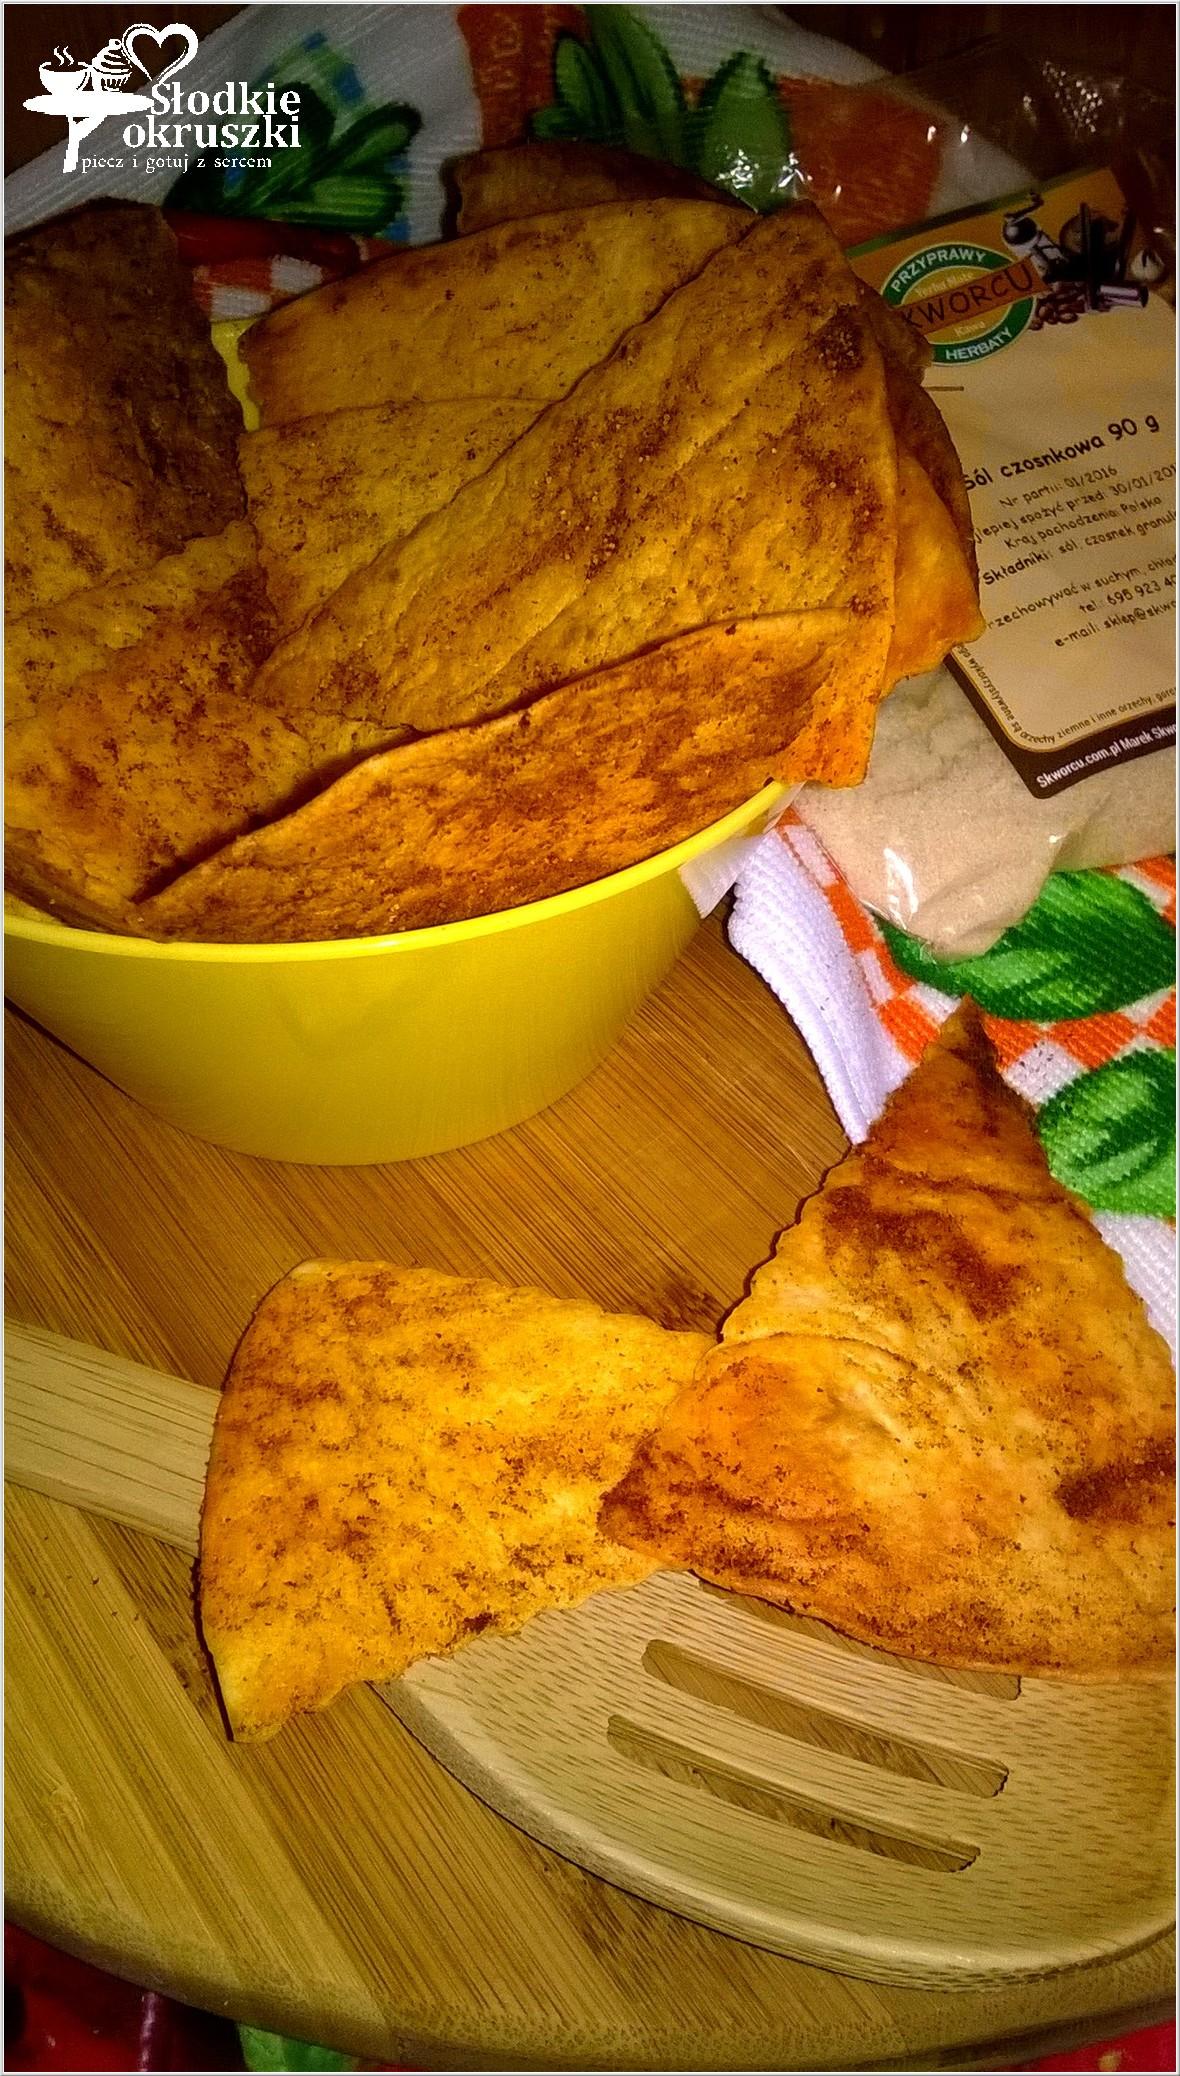 Domowe chipsy paprykowe w kilka chwil (1)